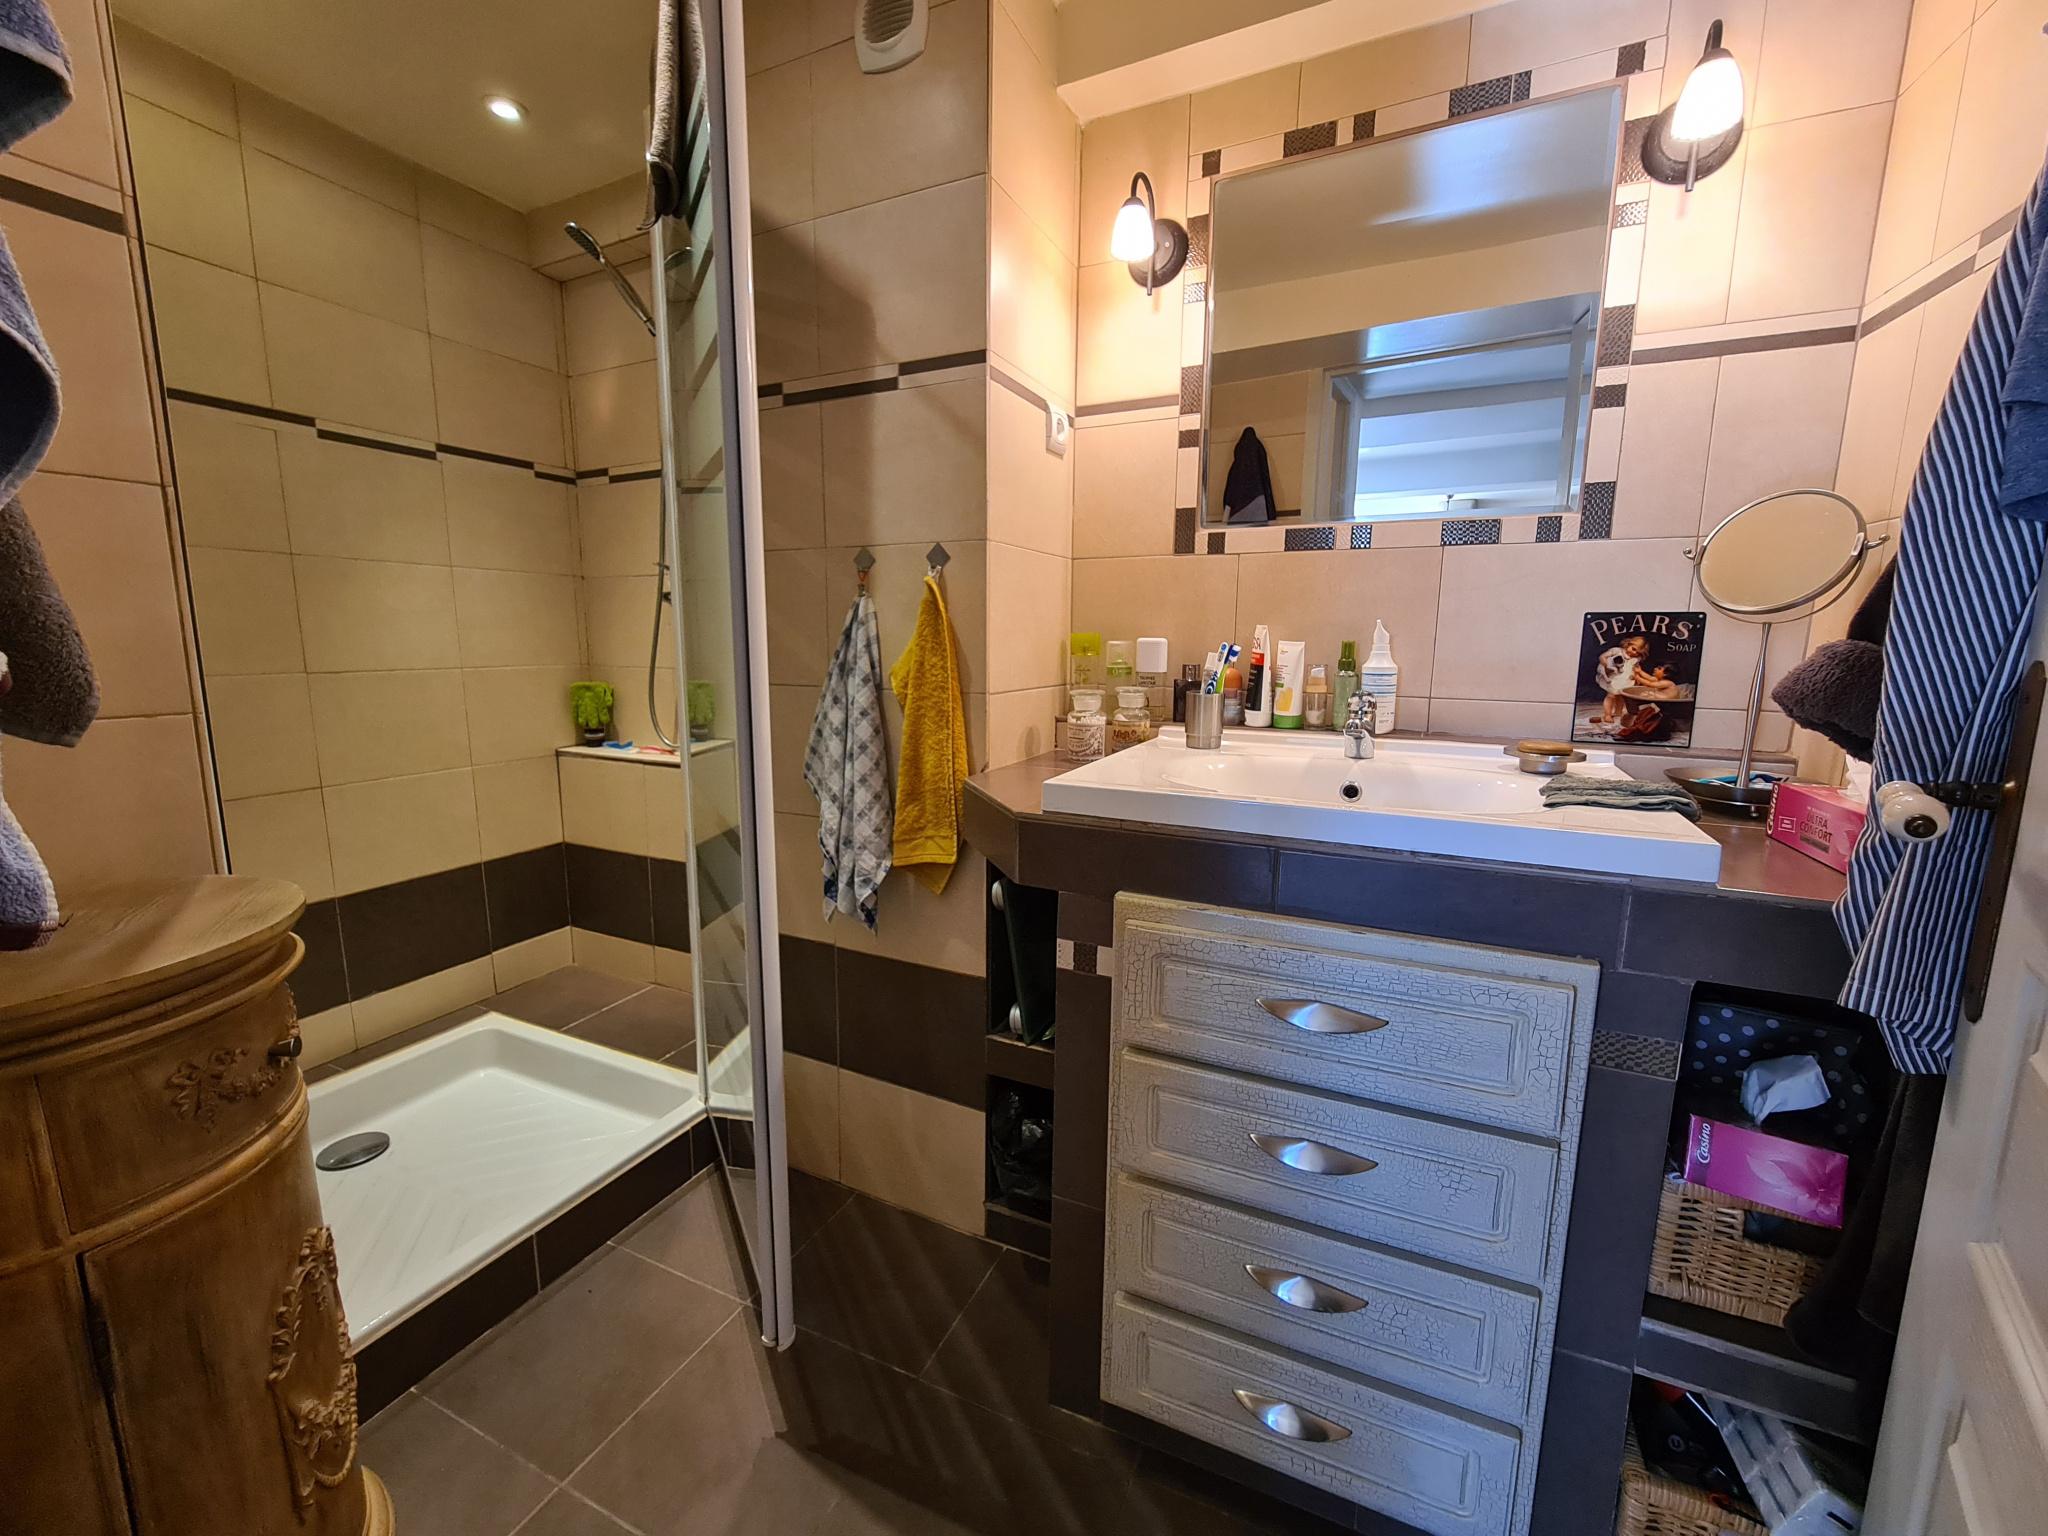 Niveau 1 : Spacieuse salle d'eau avec meuble vasque